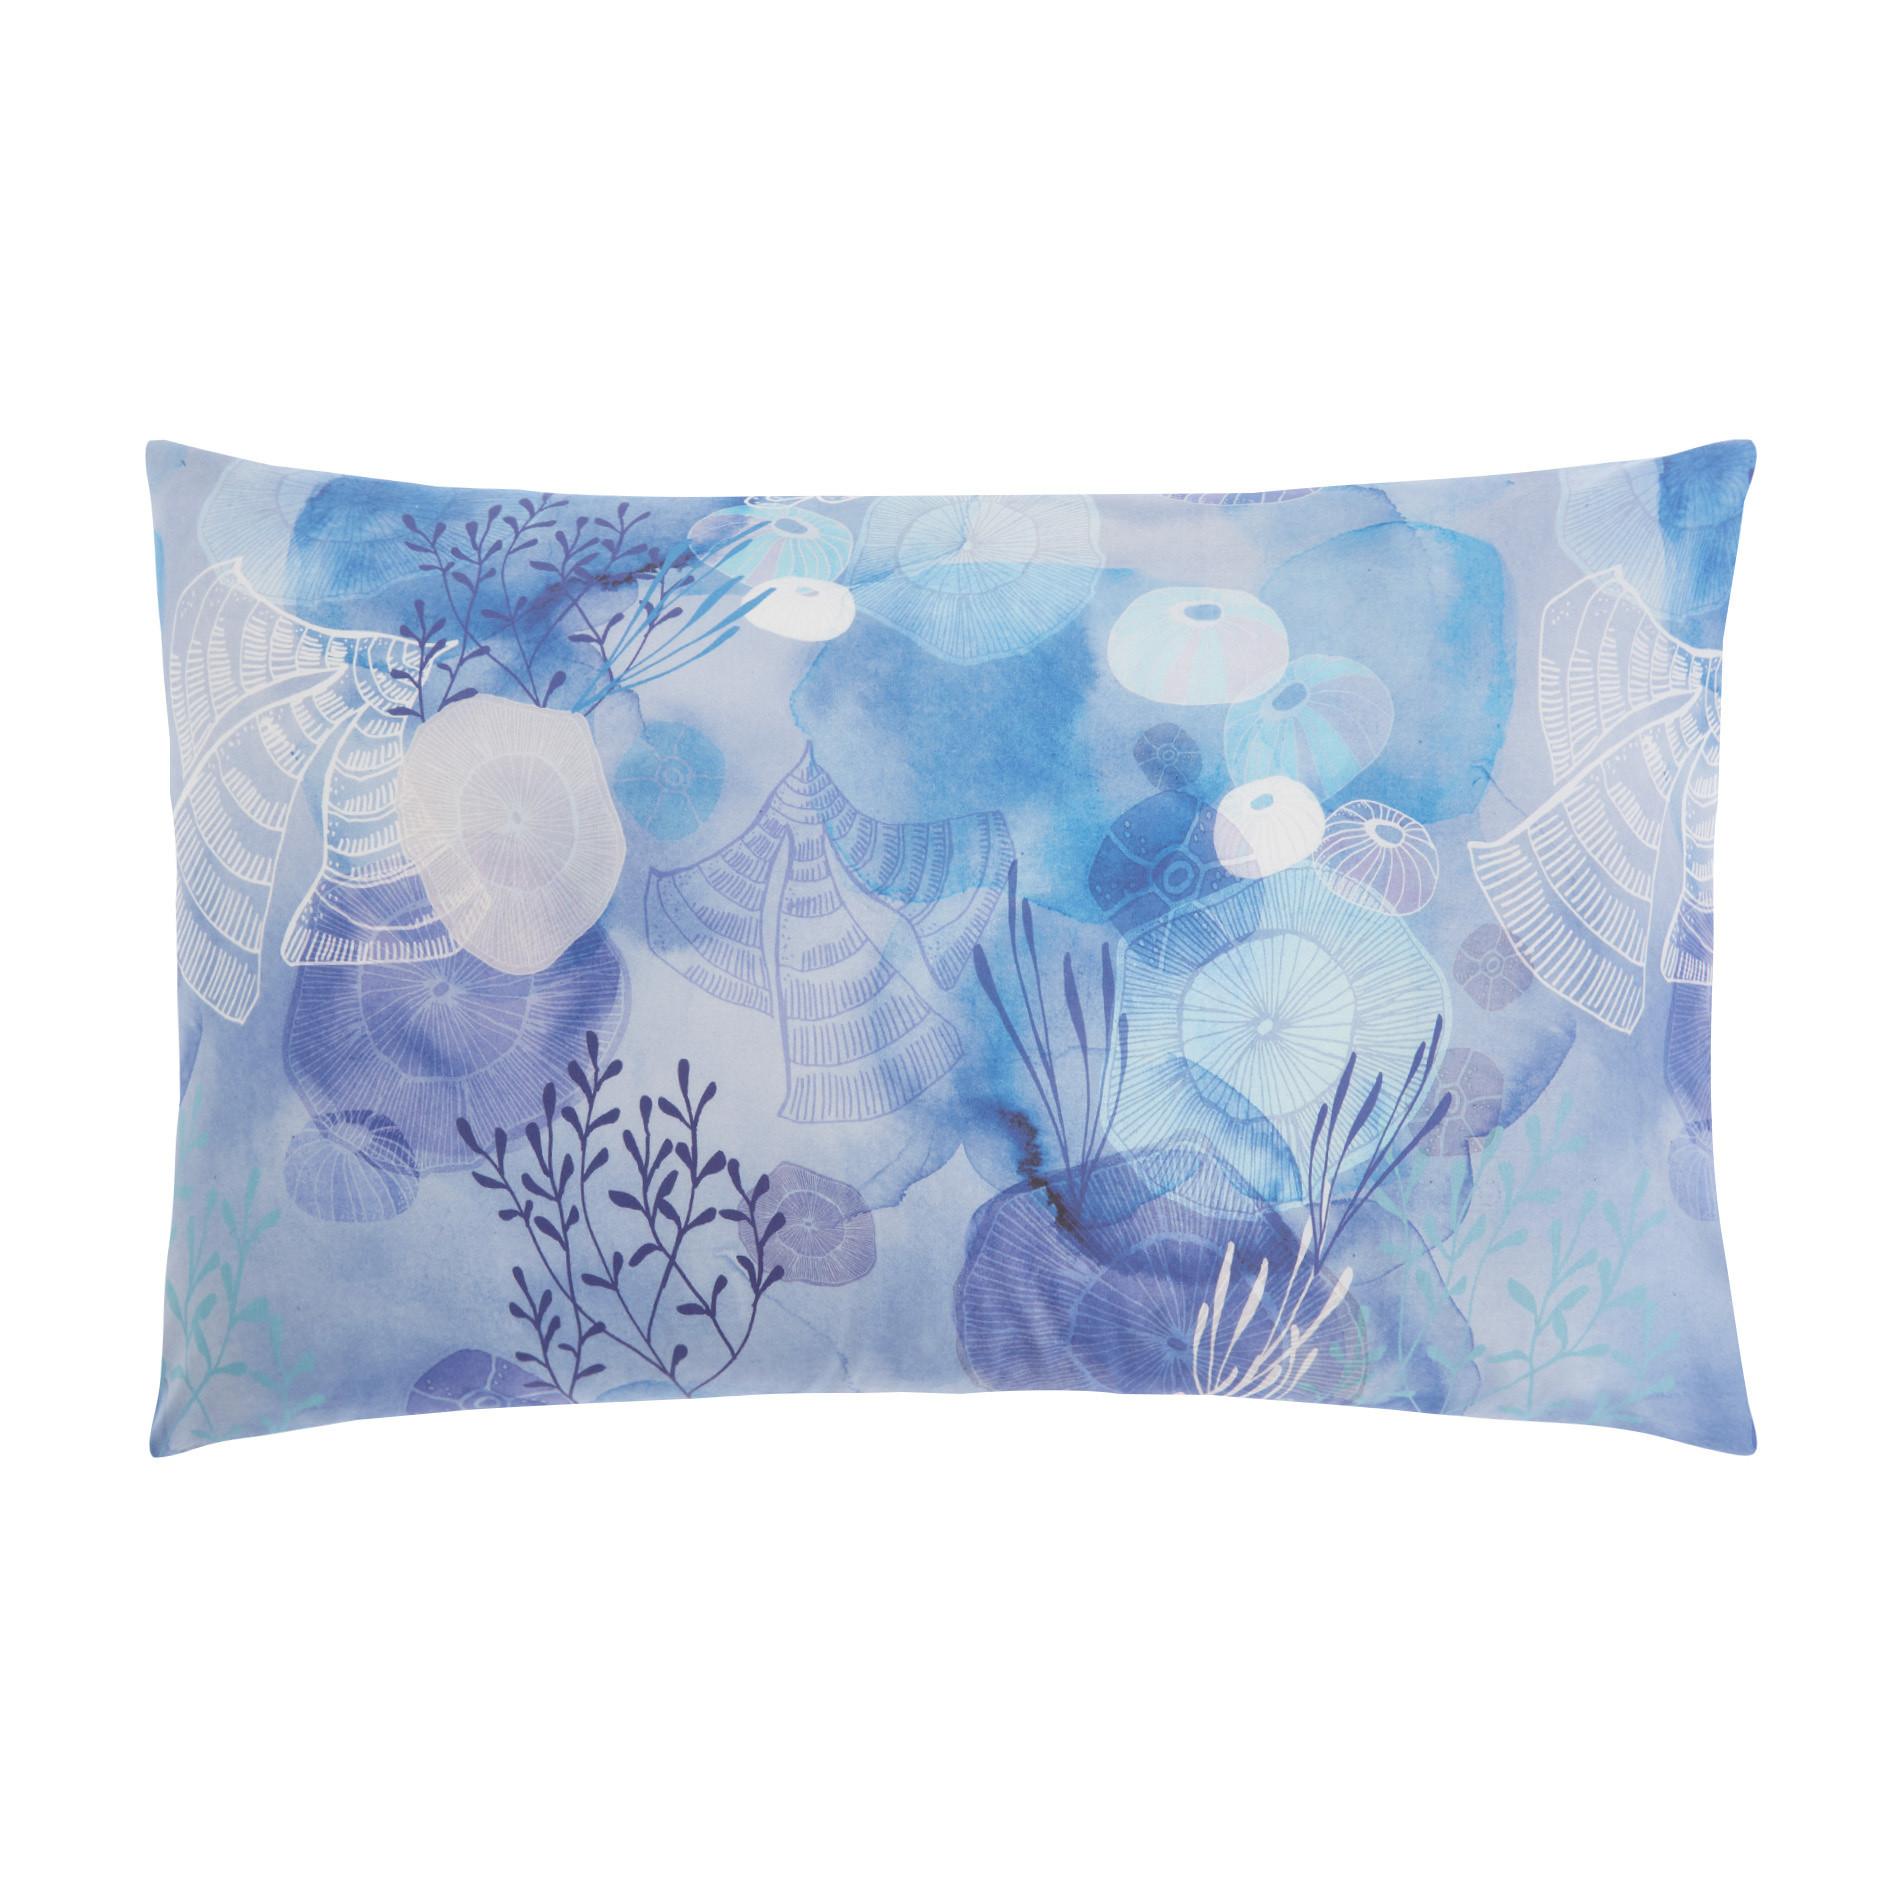 Federa mussola di cotone fantasia meduse, Azzurro, large image number 0